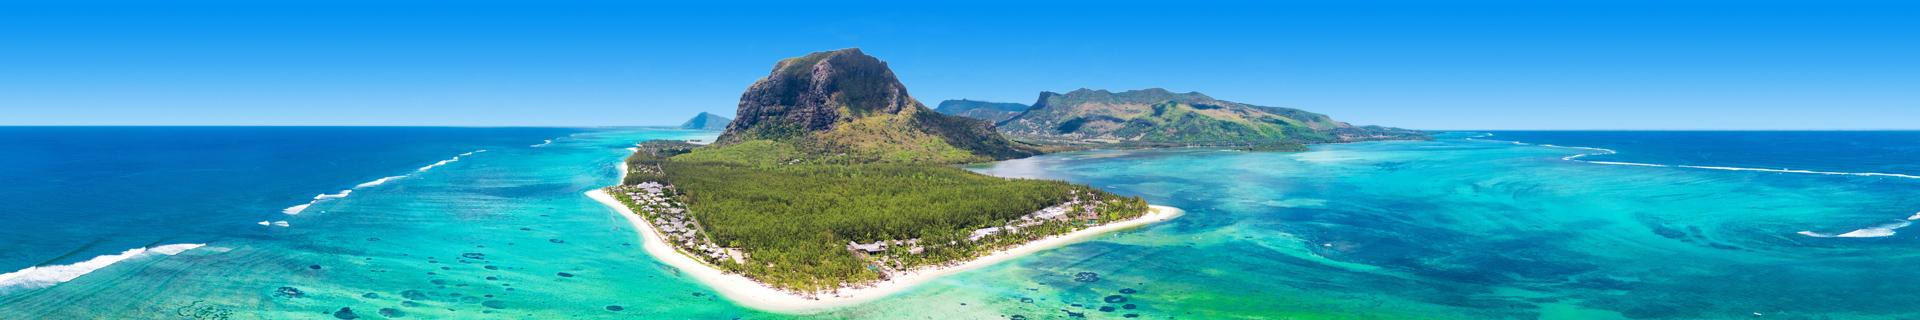 Uitzicht op het parelwitte strand van Mauritius